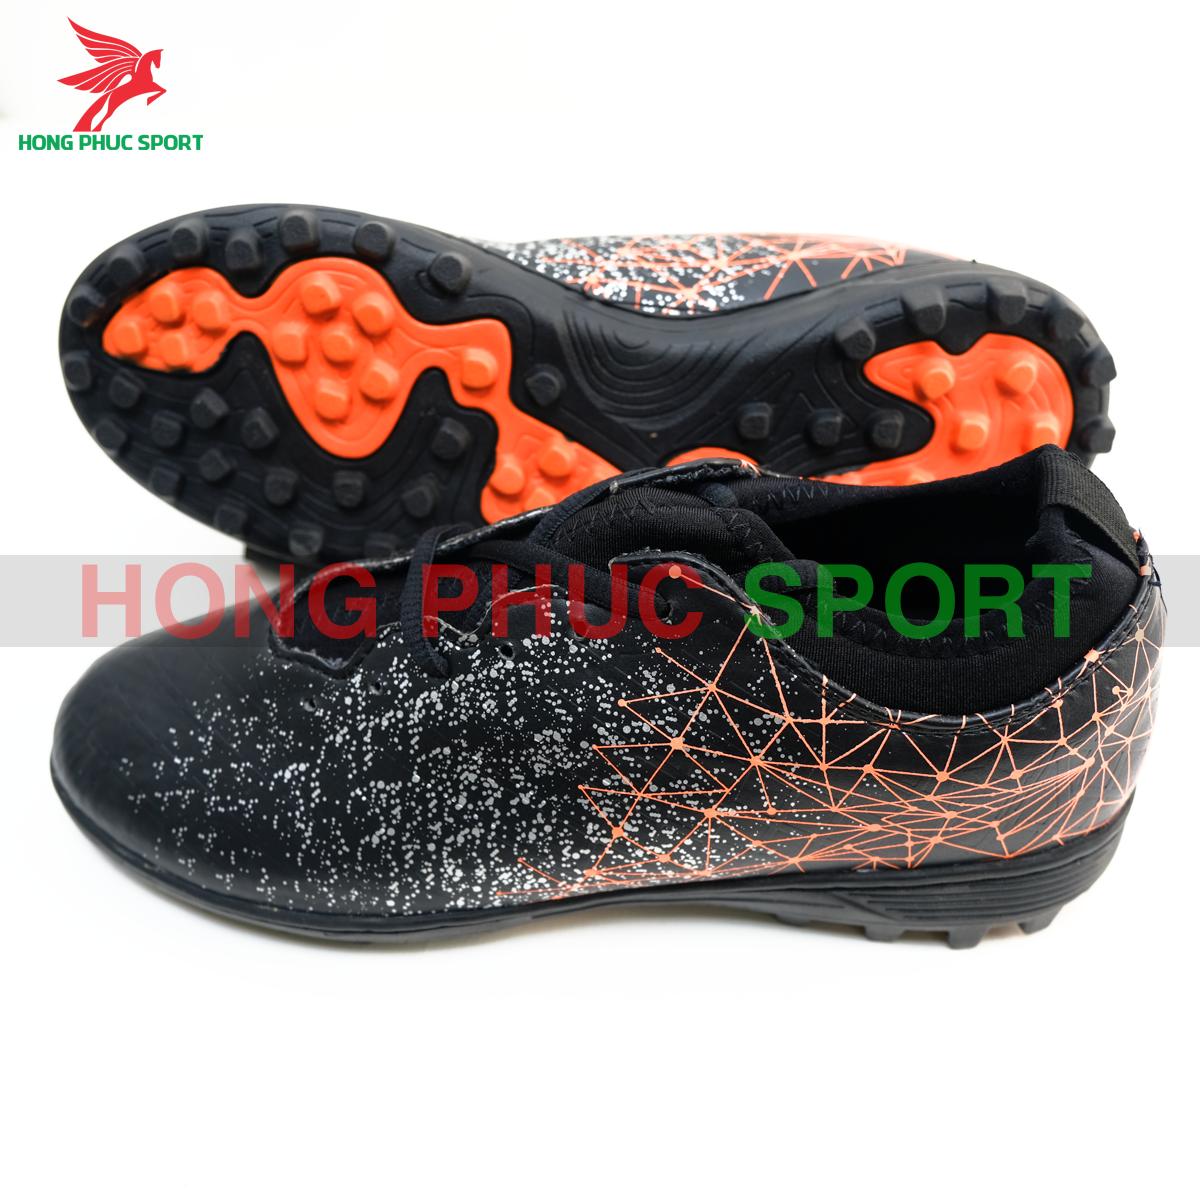 Giày đá banh Hồng Phúc Sport Premium 21.3màu đen